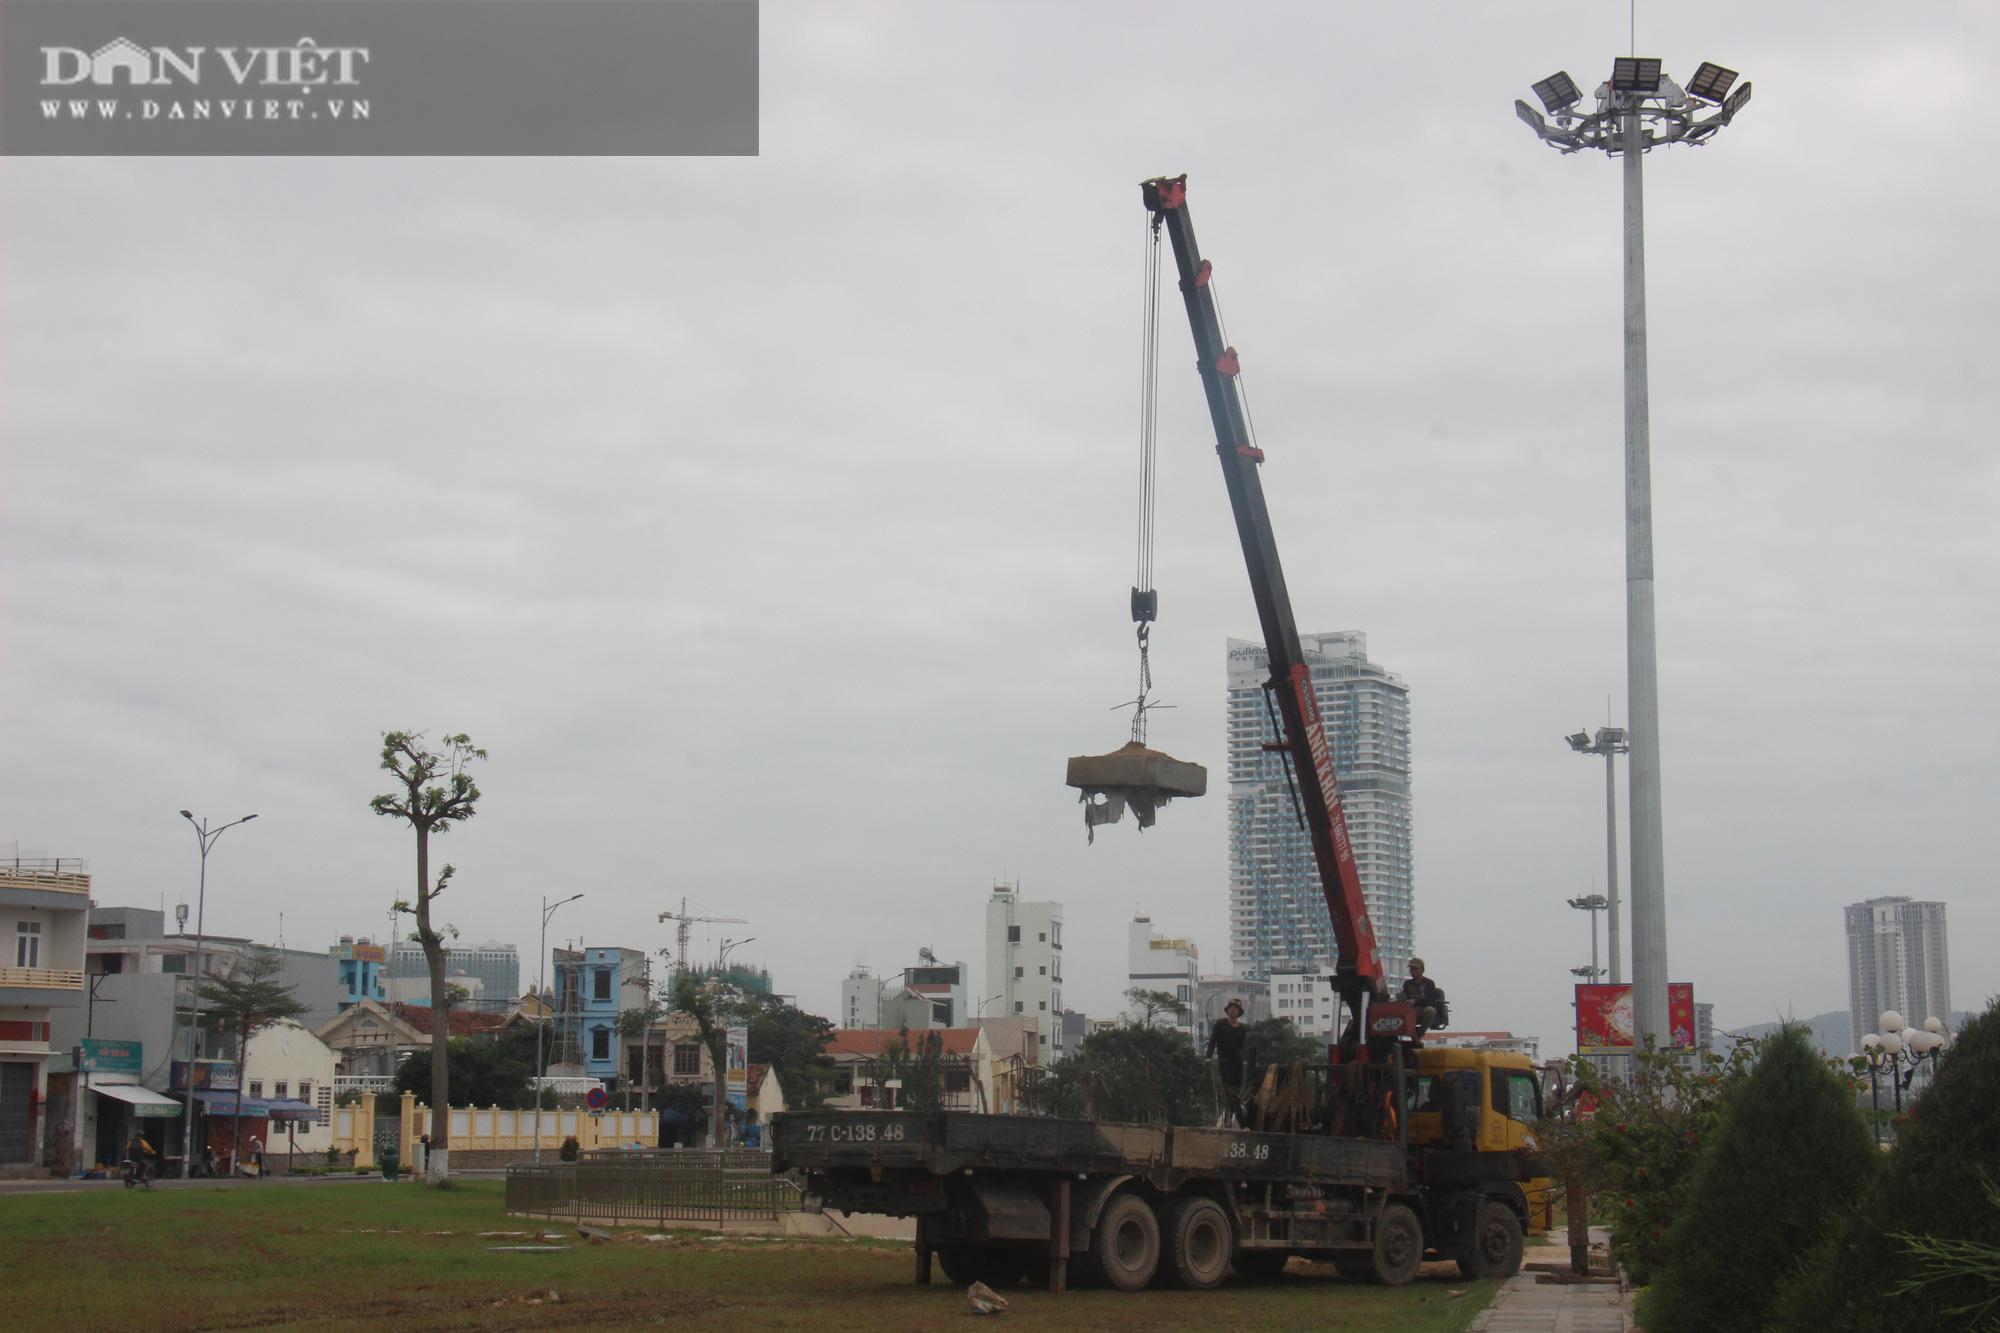 Cận cảnh cẩu 65 móng trụ bê tông không phép rời khỏi bãi biển Quy Nhơn - Ảnh 14.